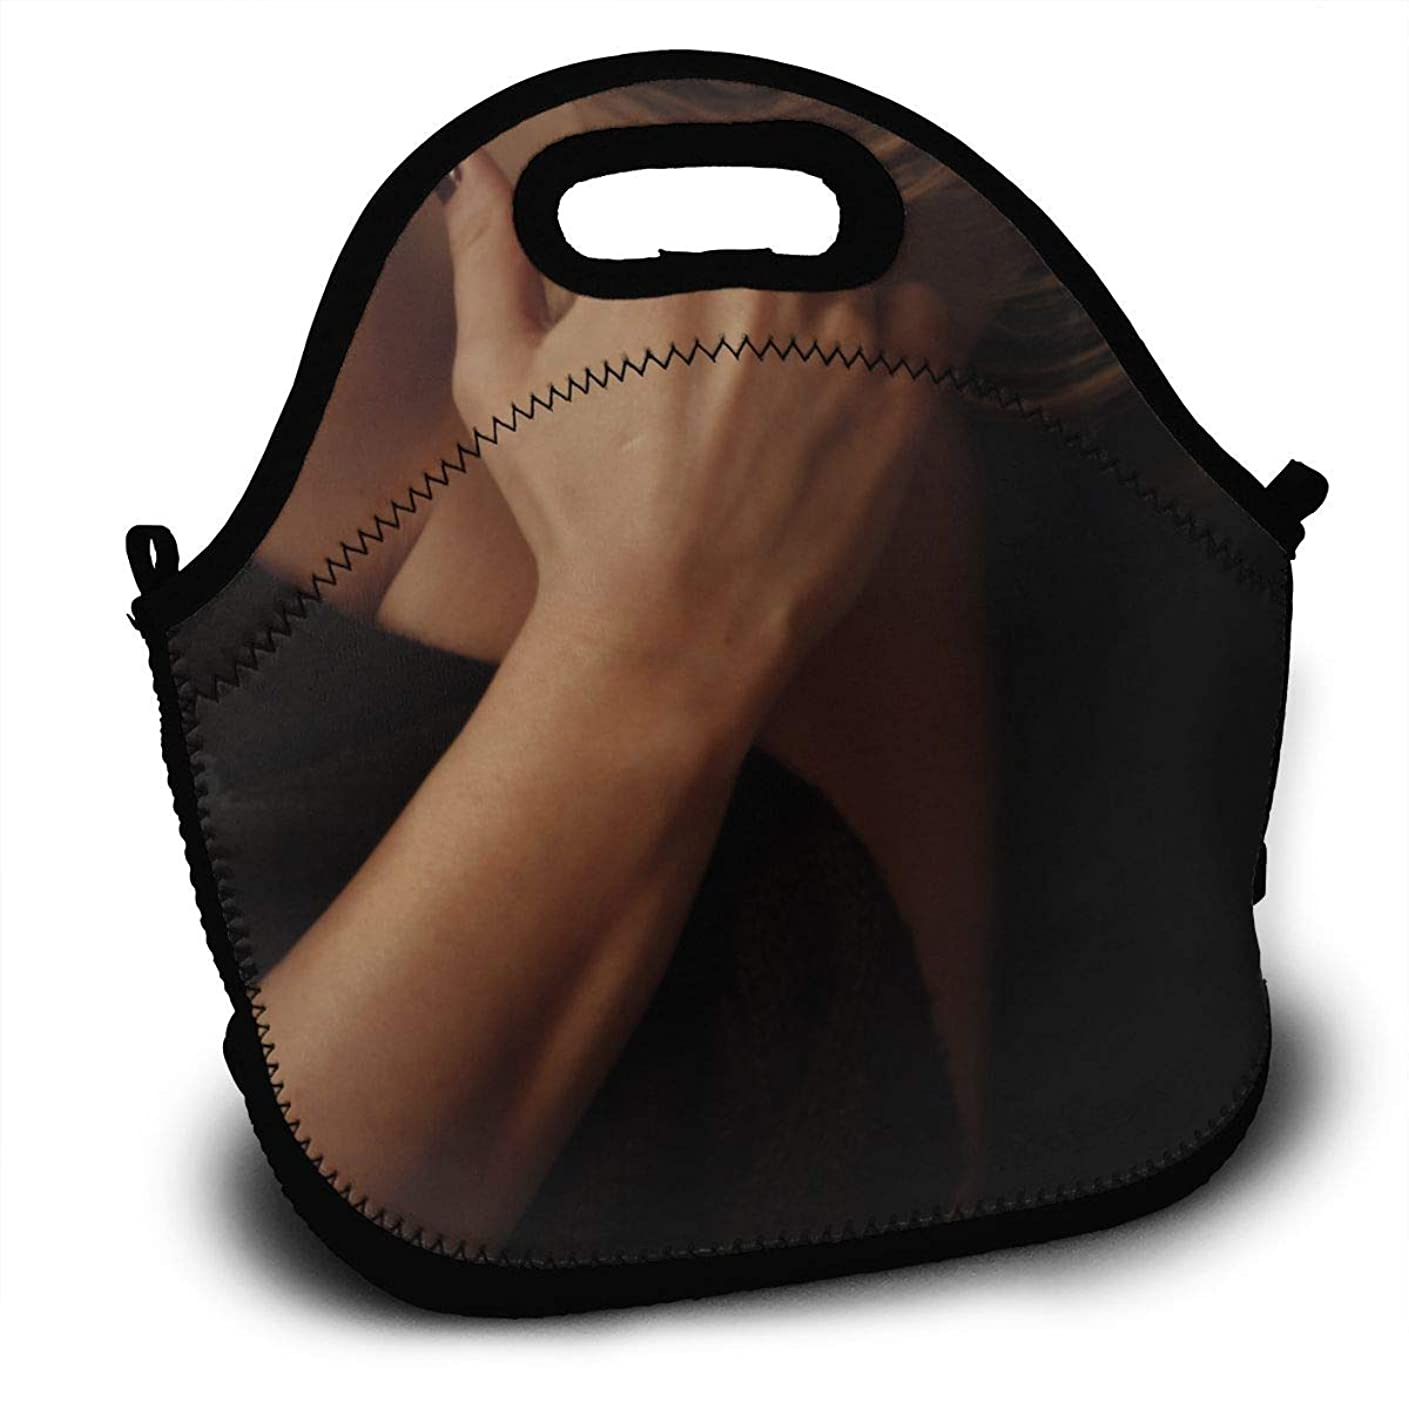 側溝スラムトークンランチバッグ 大容量弁当バッグ ファミリーバッグ 男女兼用バッグ 鎖骨辺りに手を当て 通勤 通学バッグ 面白いバッグ 創意柄 可愛いアニマル バッグ